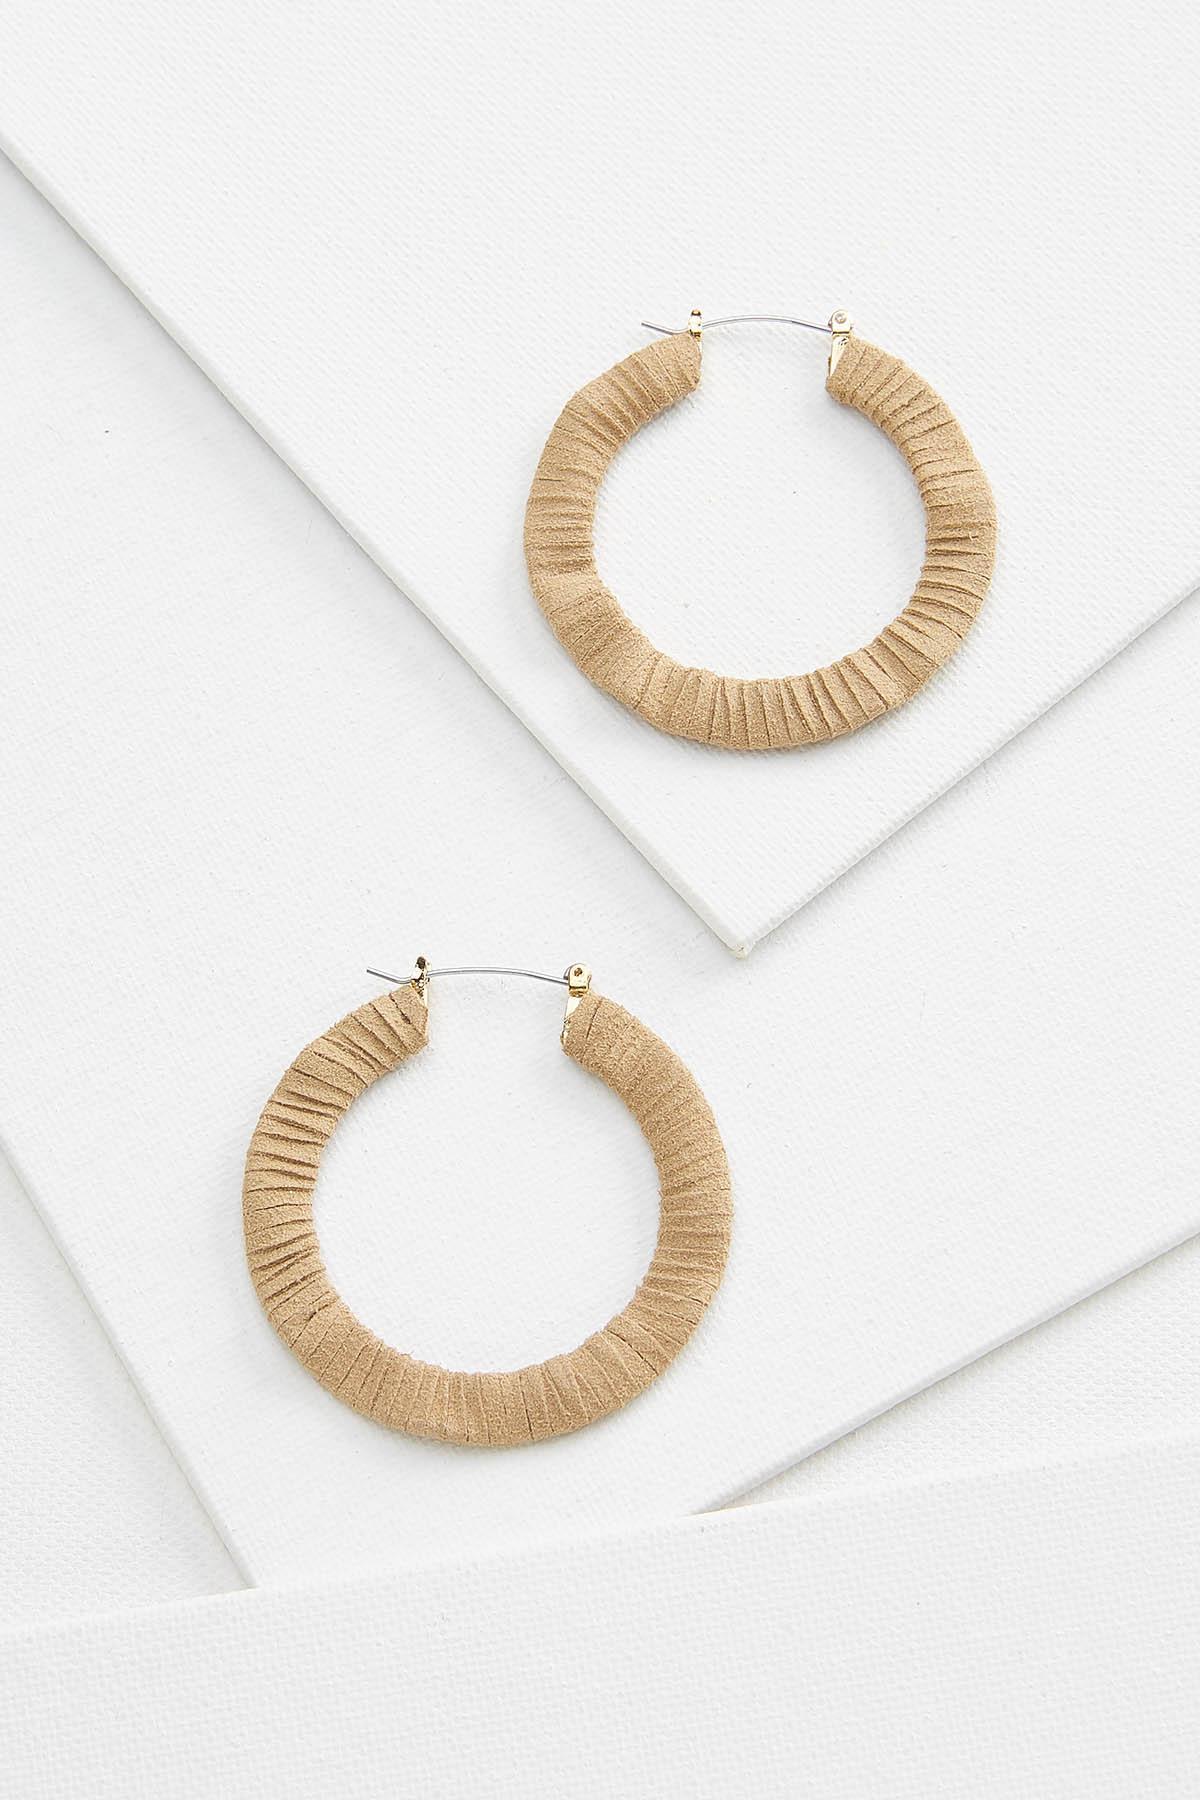 Cord Wrapped Hoop Earrings